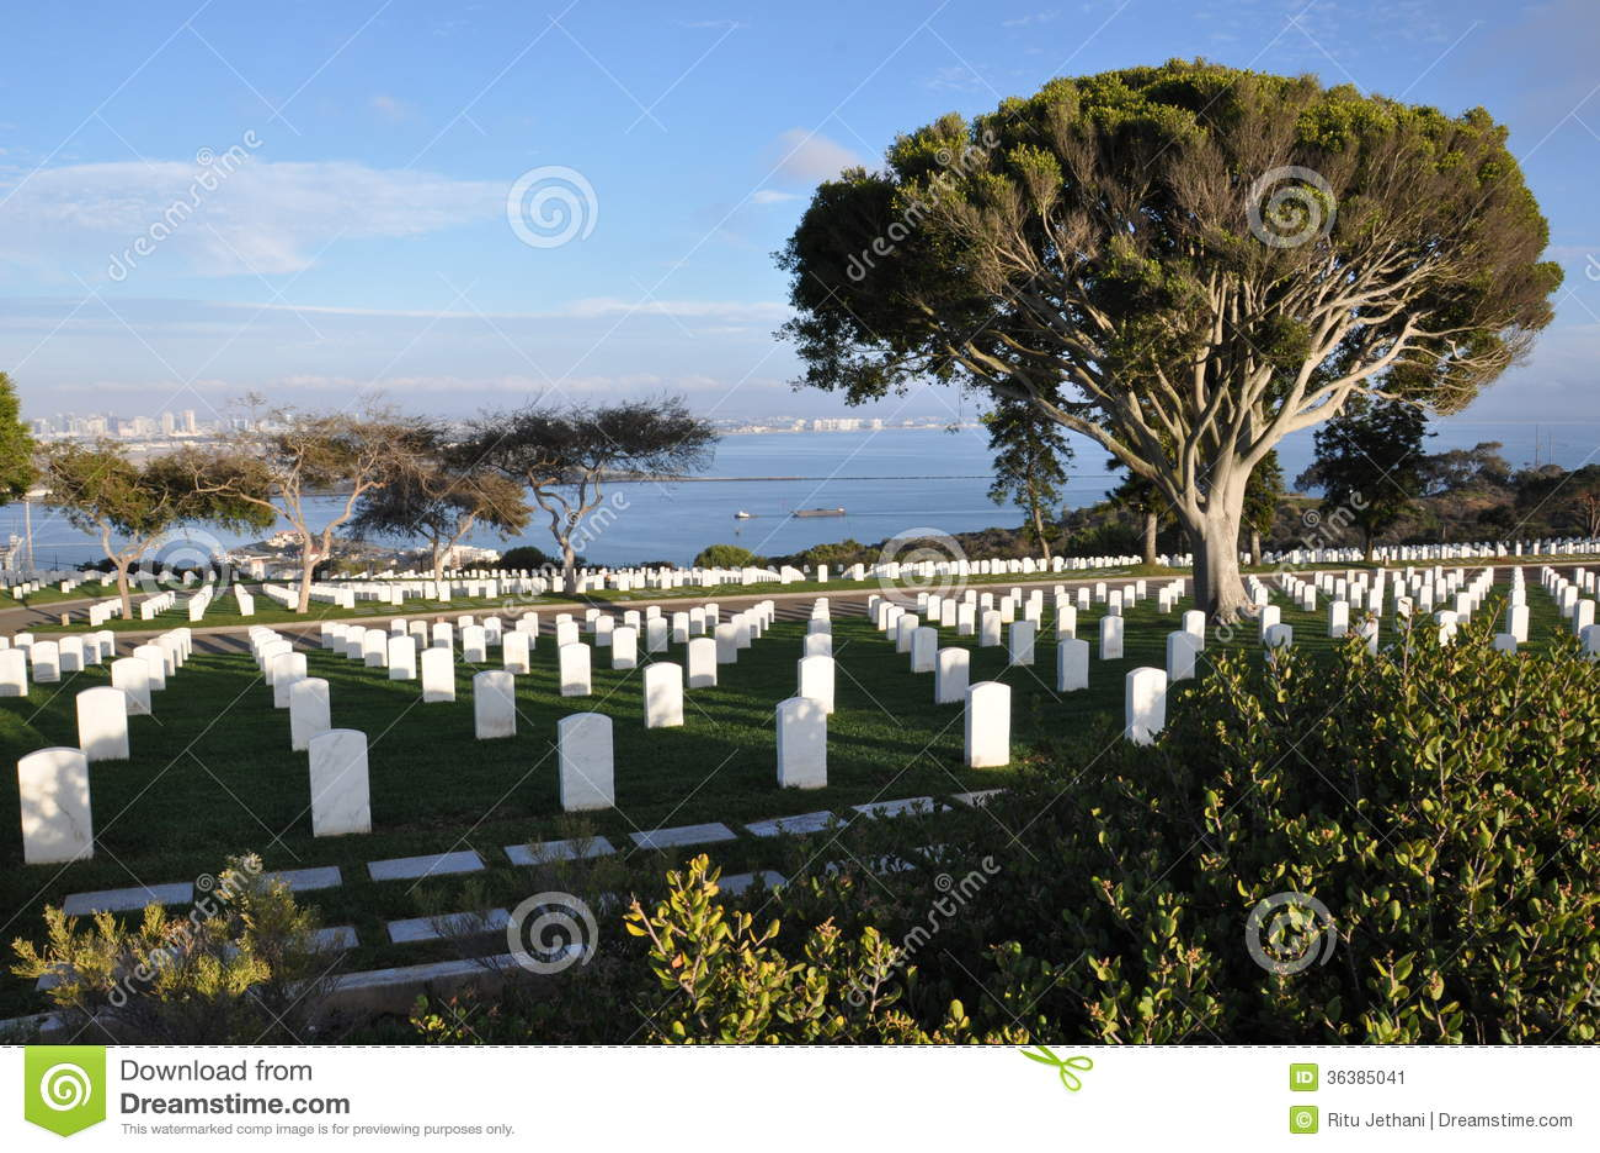 Cemitério militar do Estados Unidos em San Diego, Califórnia